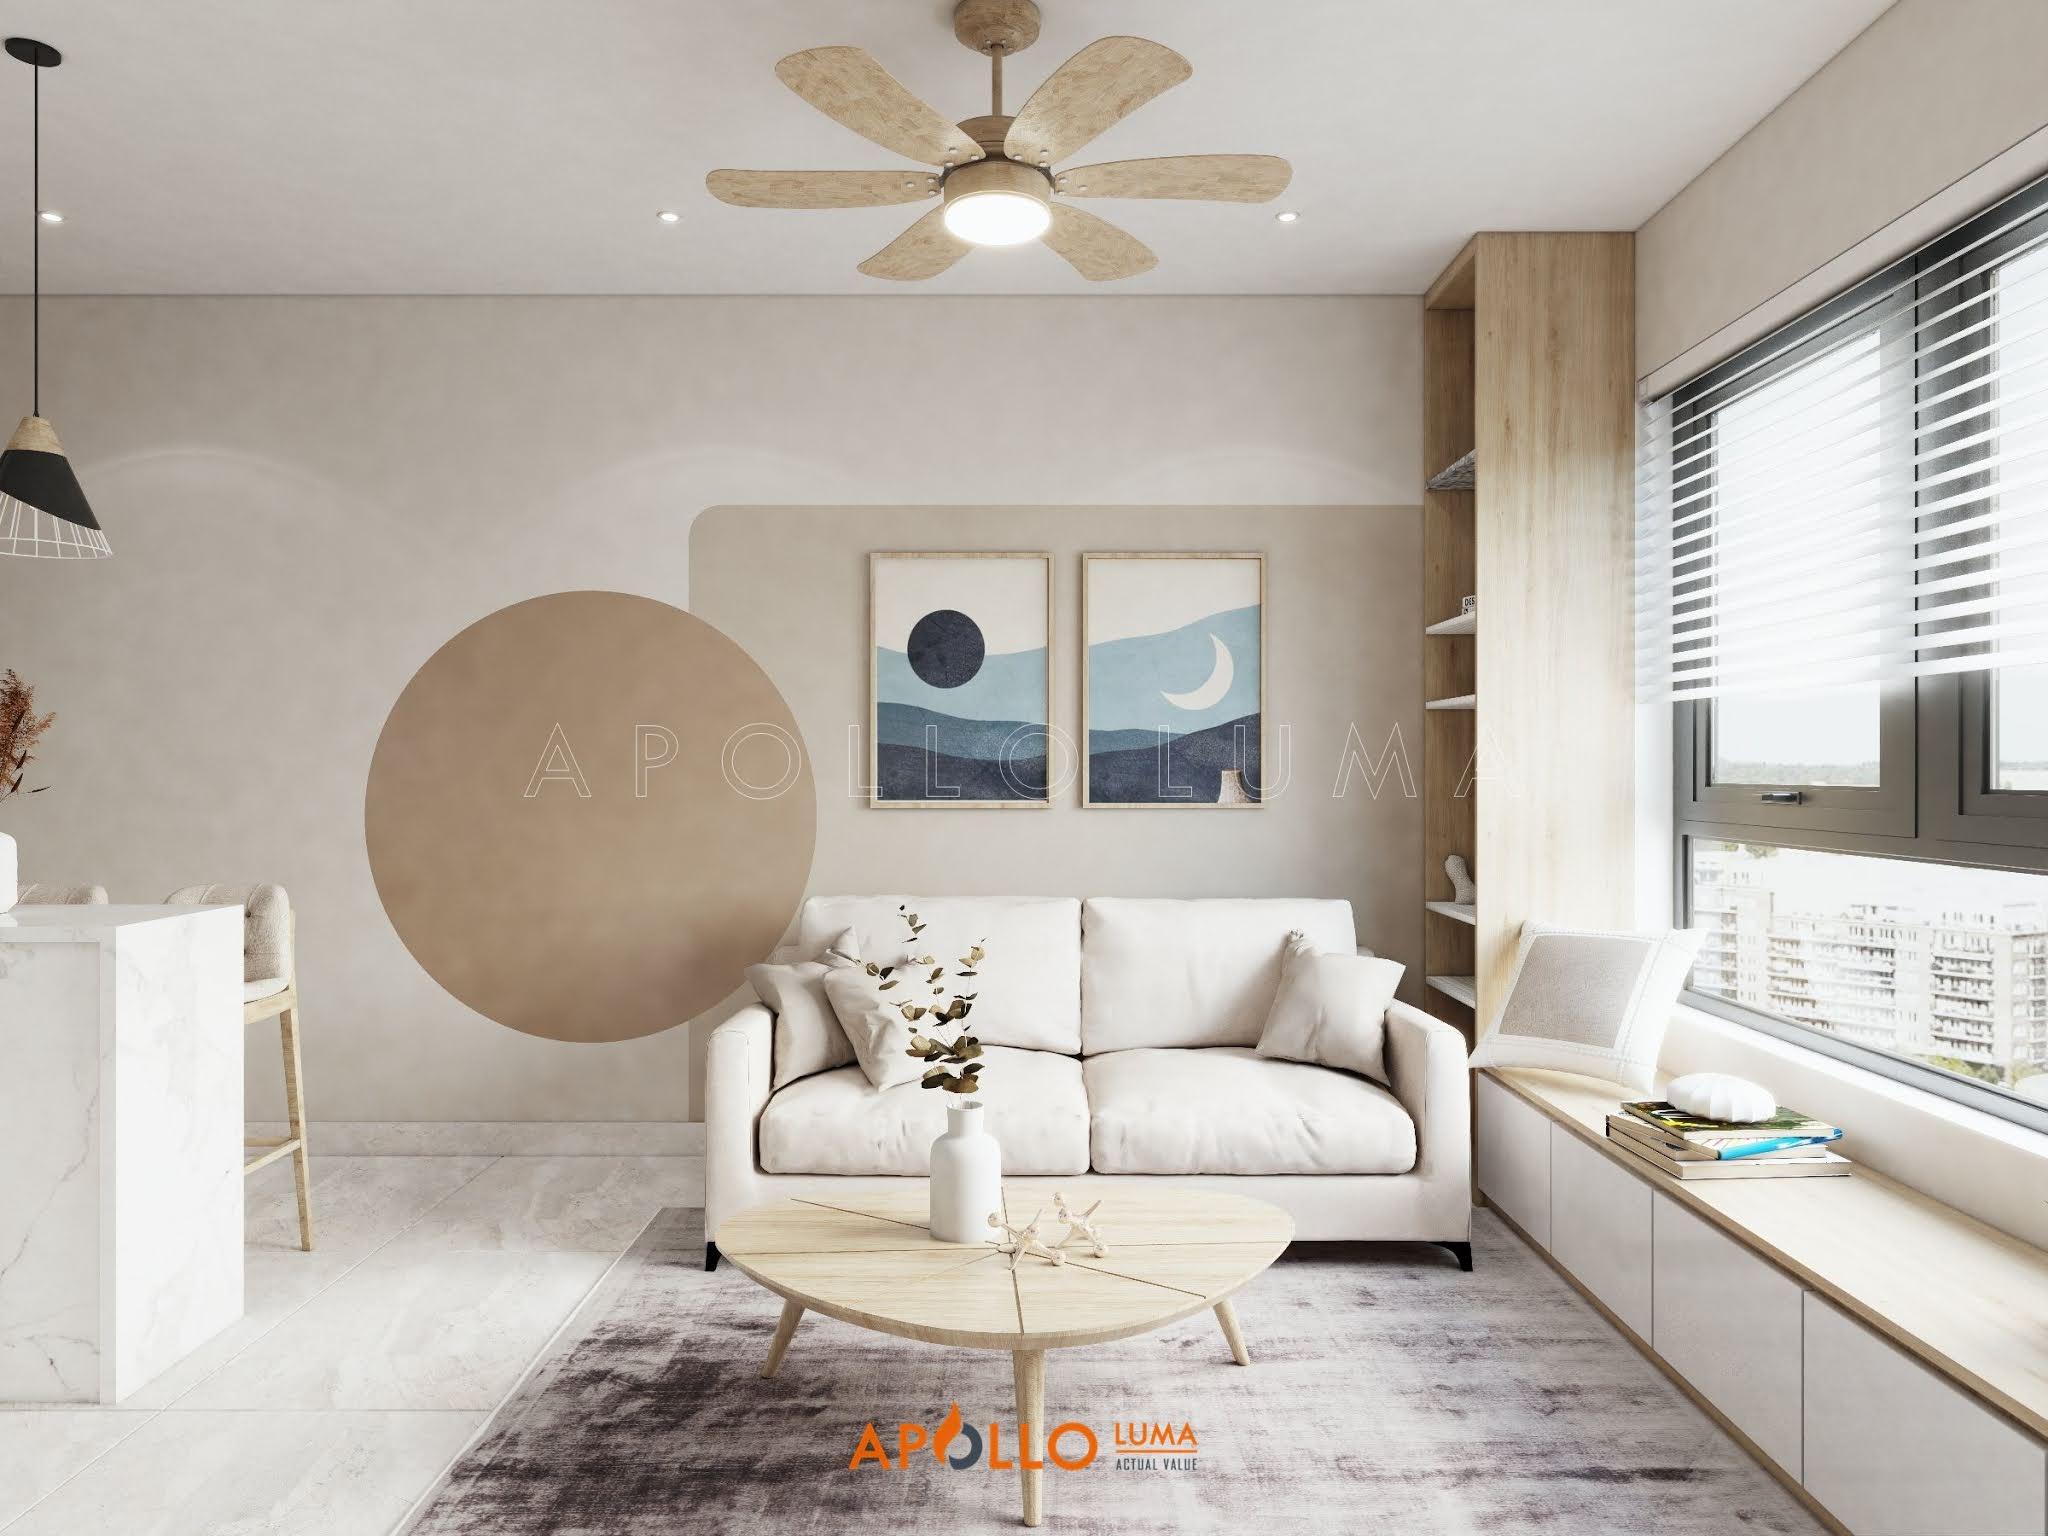 Thiết kế căn hộ 1 phòng ngủ (34m2) S3.03-xx06 Vinhomes Smart City